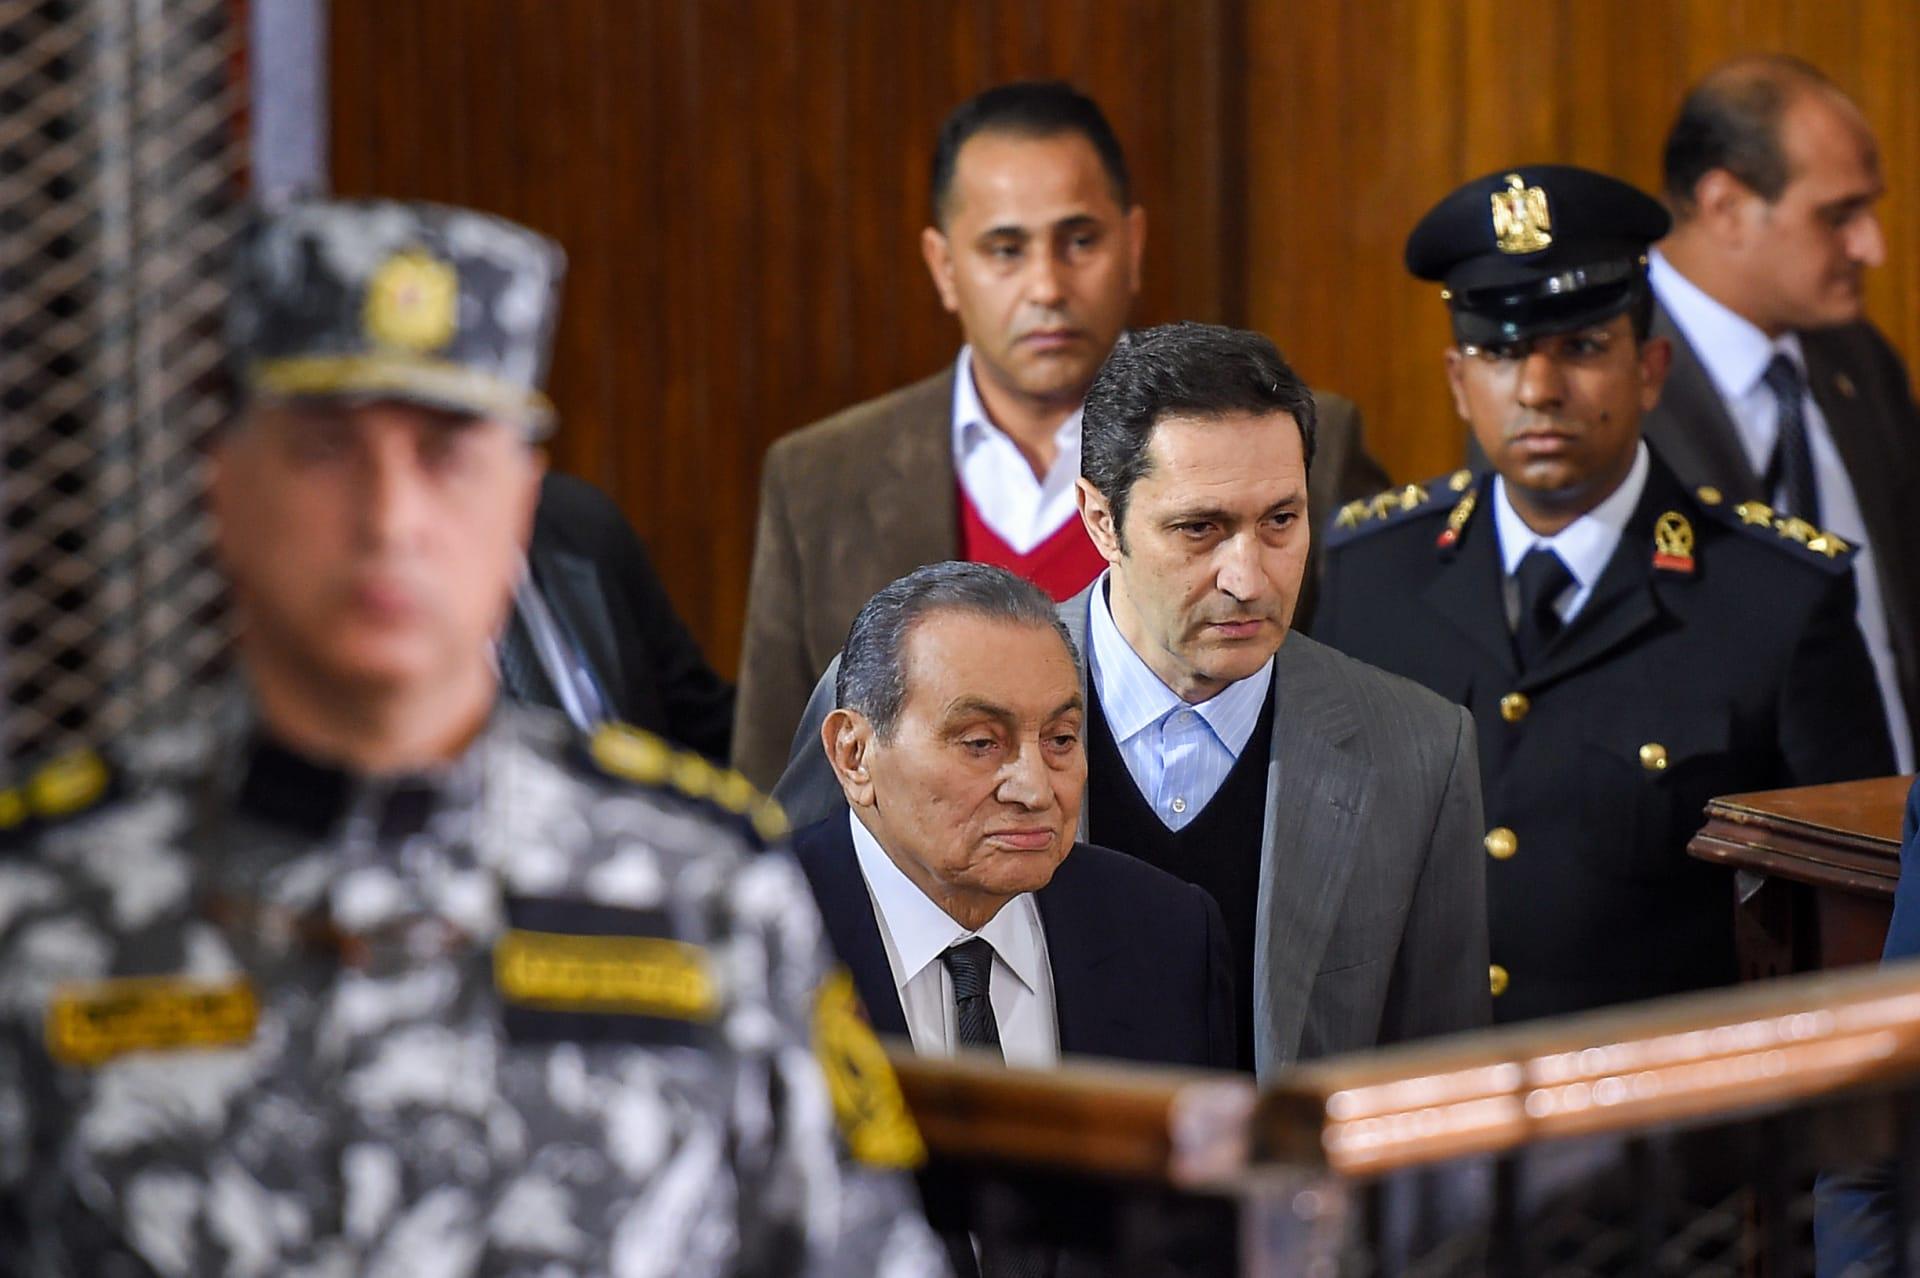 مرسي ومبارك بقاعة محاكمة واحدة لأول مرة بقضية اقتحام الحدود الشرقية